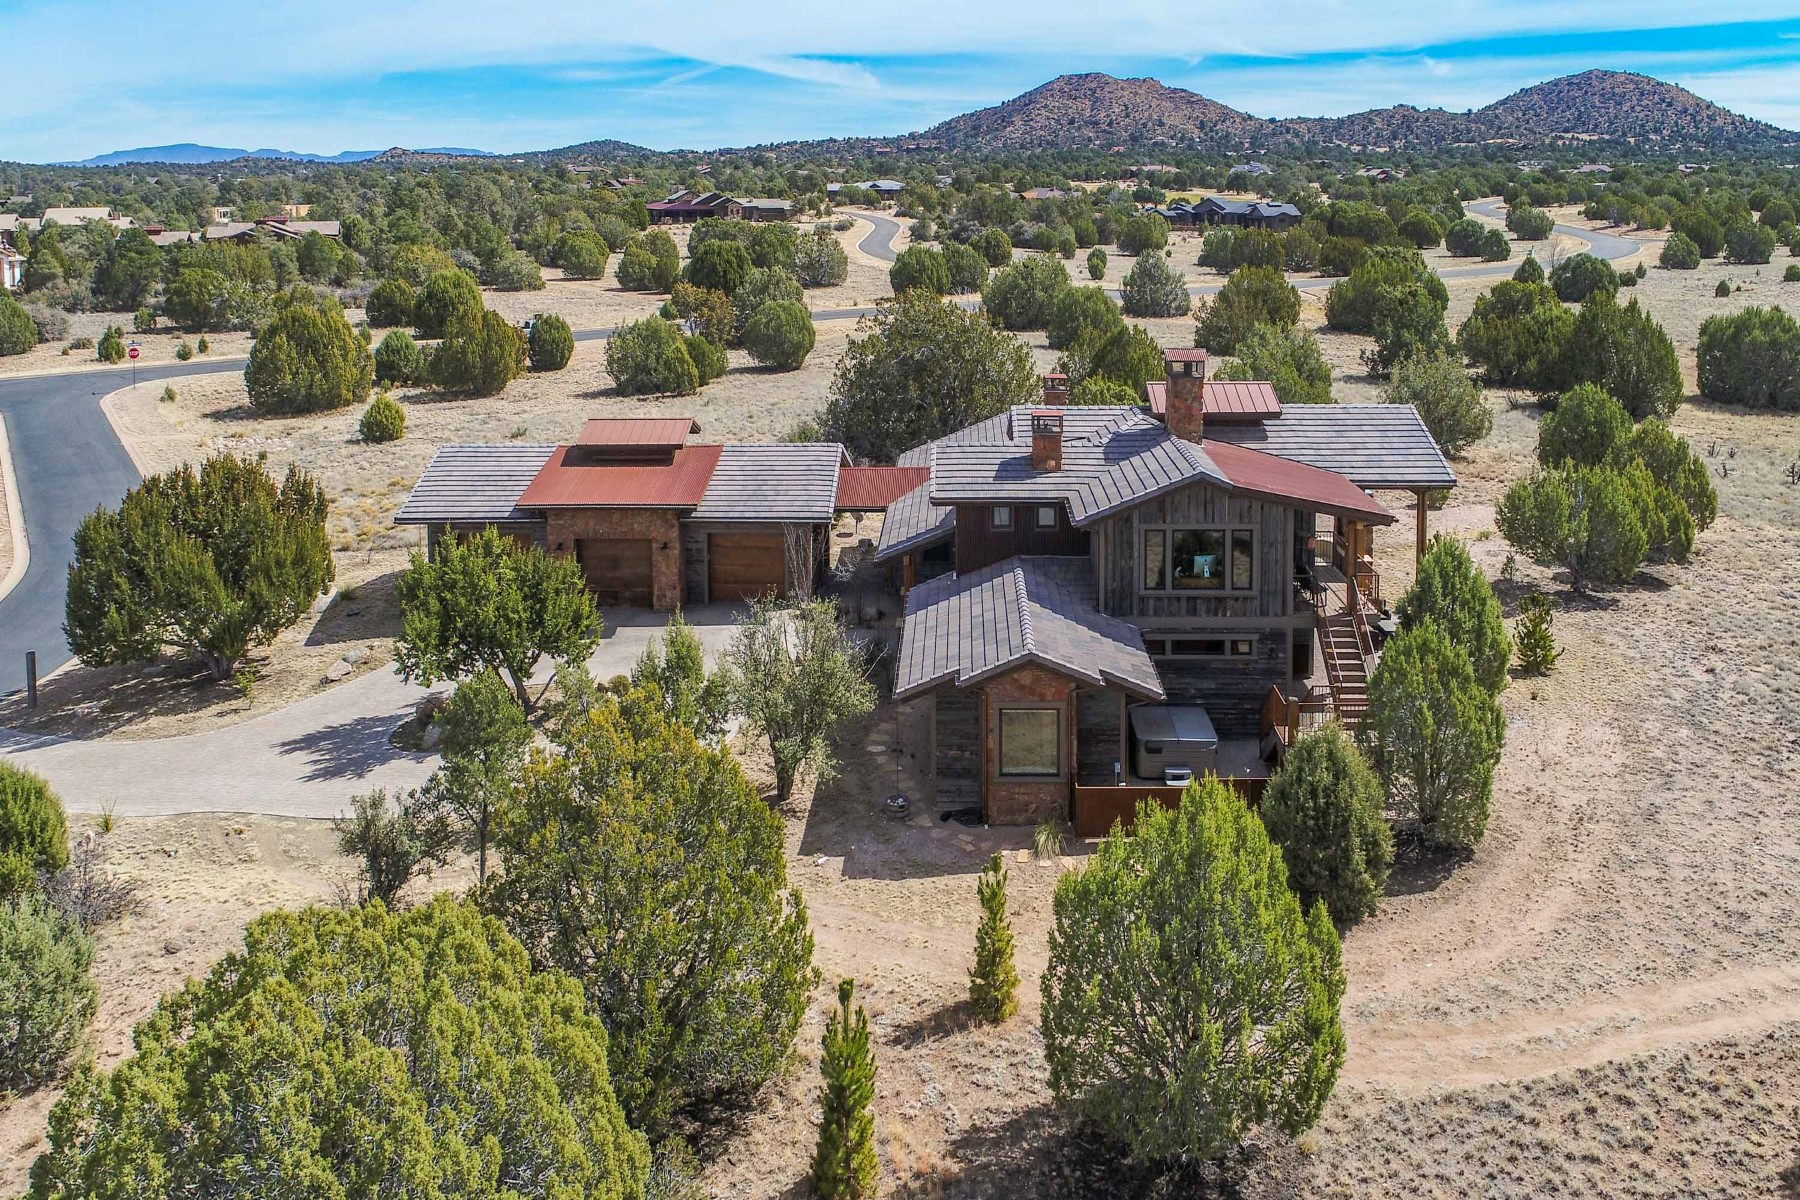 Частный односемейный дом для того Продажа на Beautiful Designed Custom Rustic Home 15380 N Hatfield Drive, Prescott, Аризона, 86305 Соединенные Штаты